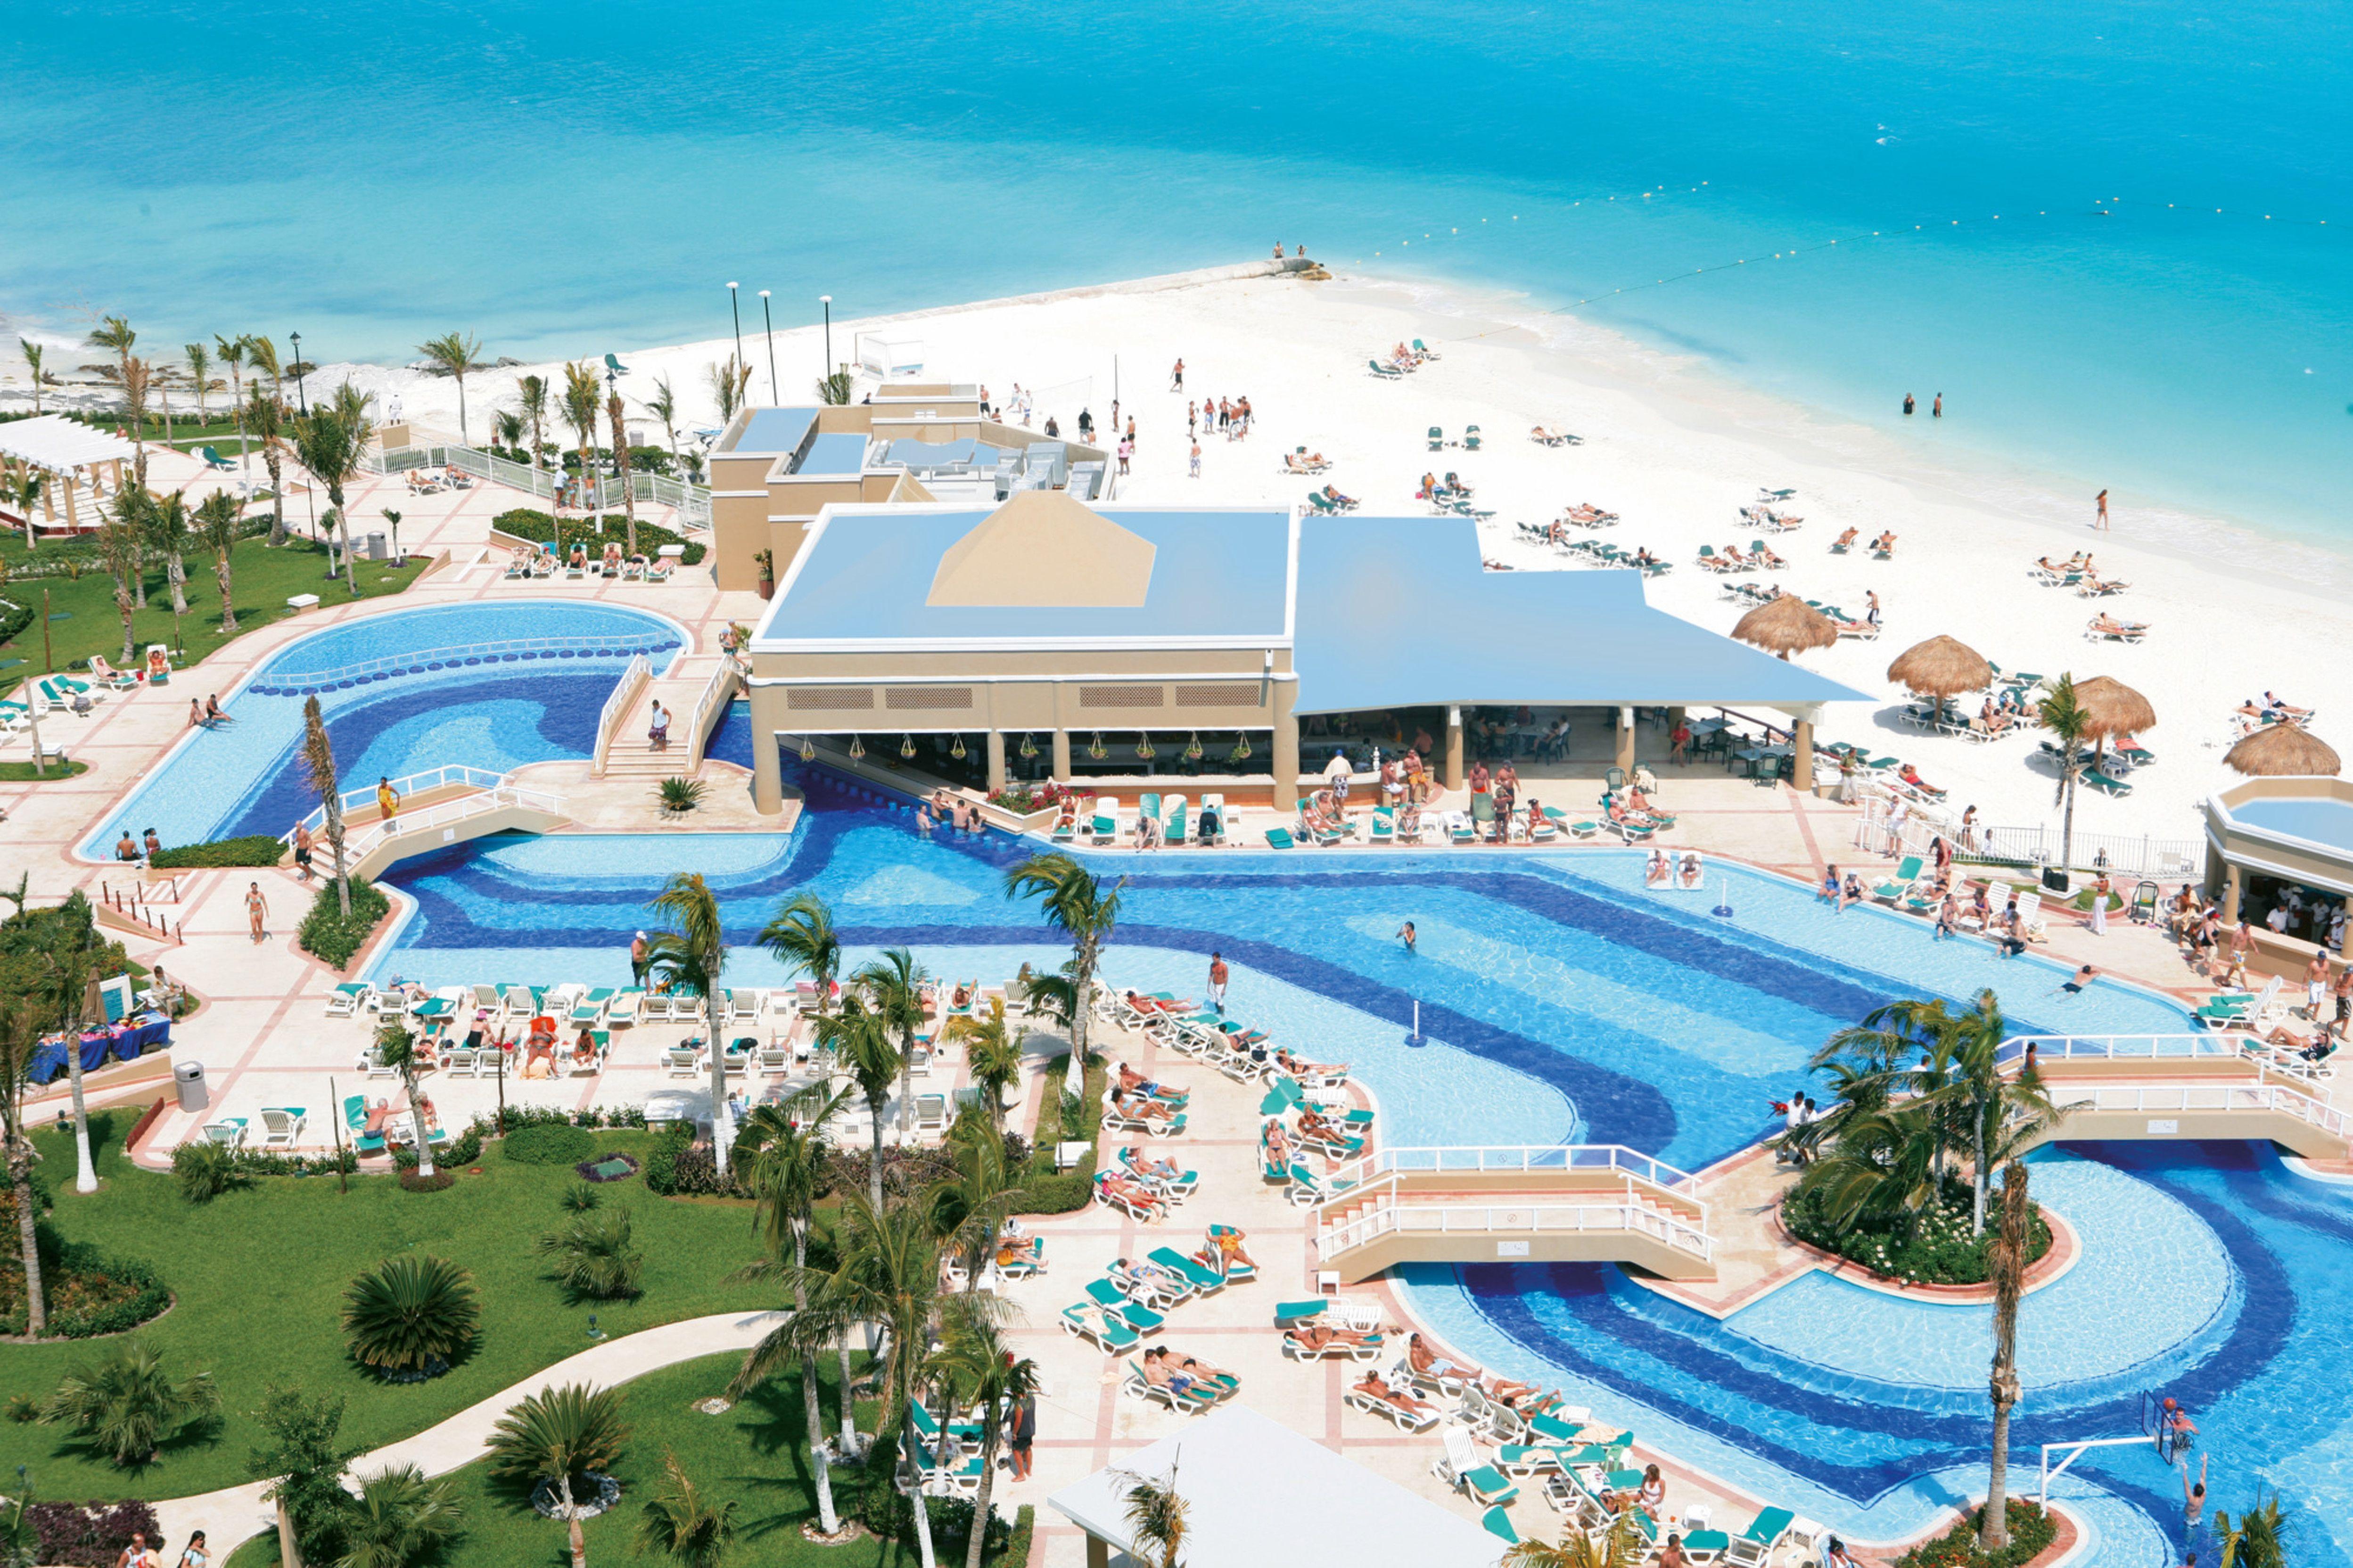 Riu Caribe Pools Beach Itsriutimecancun Cancun Hotels Cancun Beaches Hotel Riu